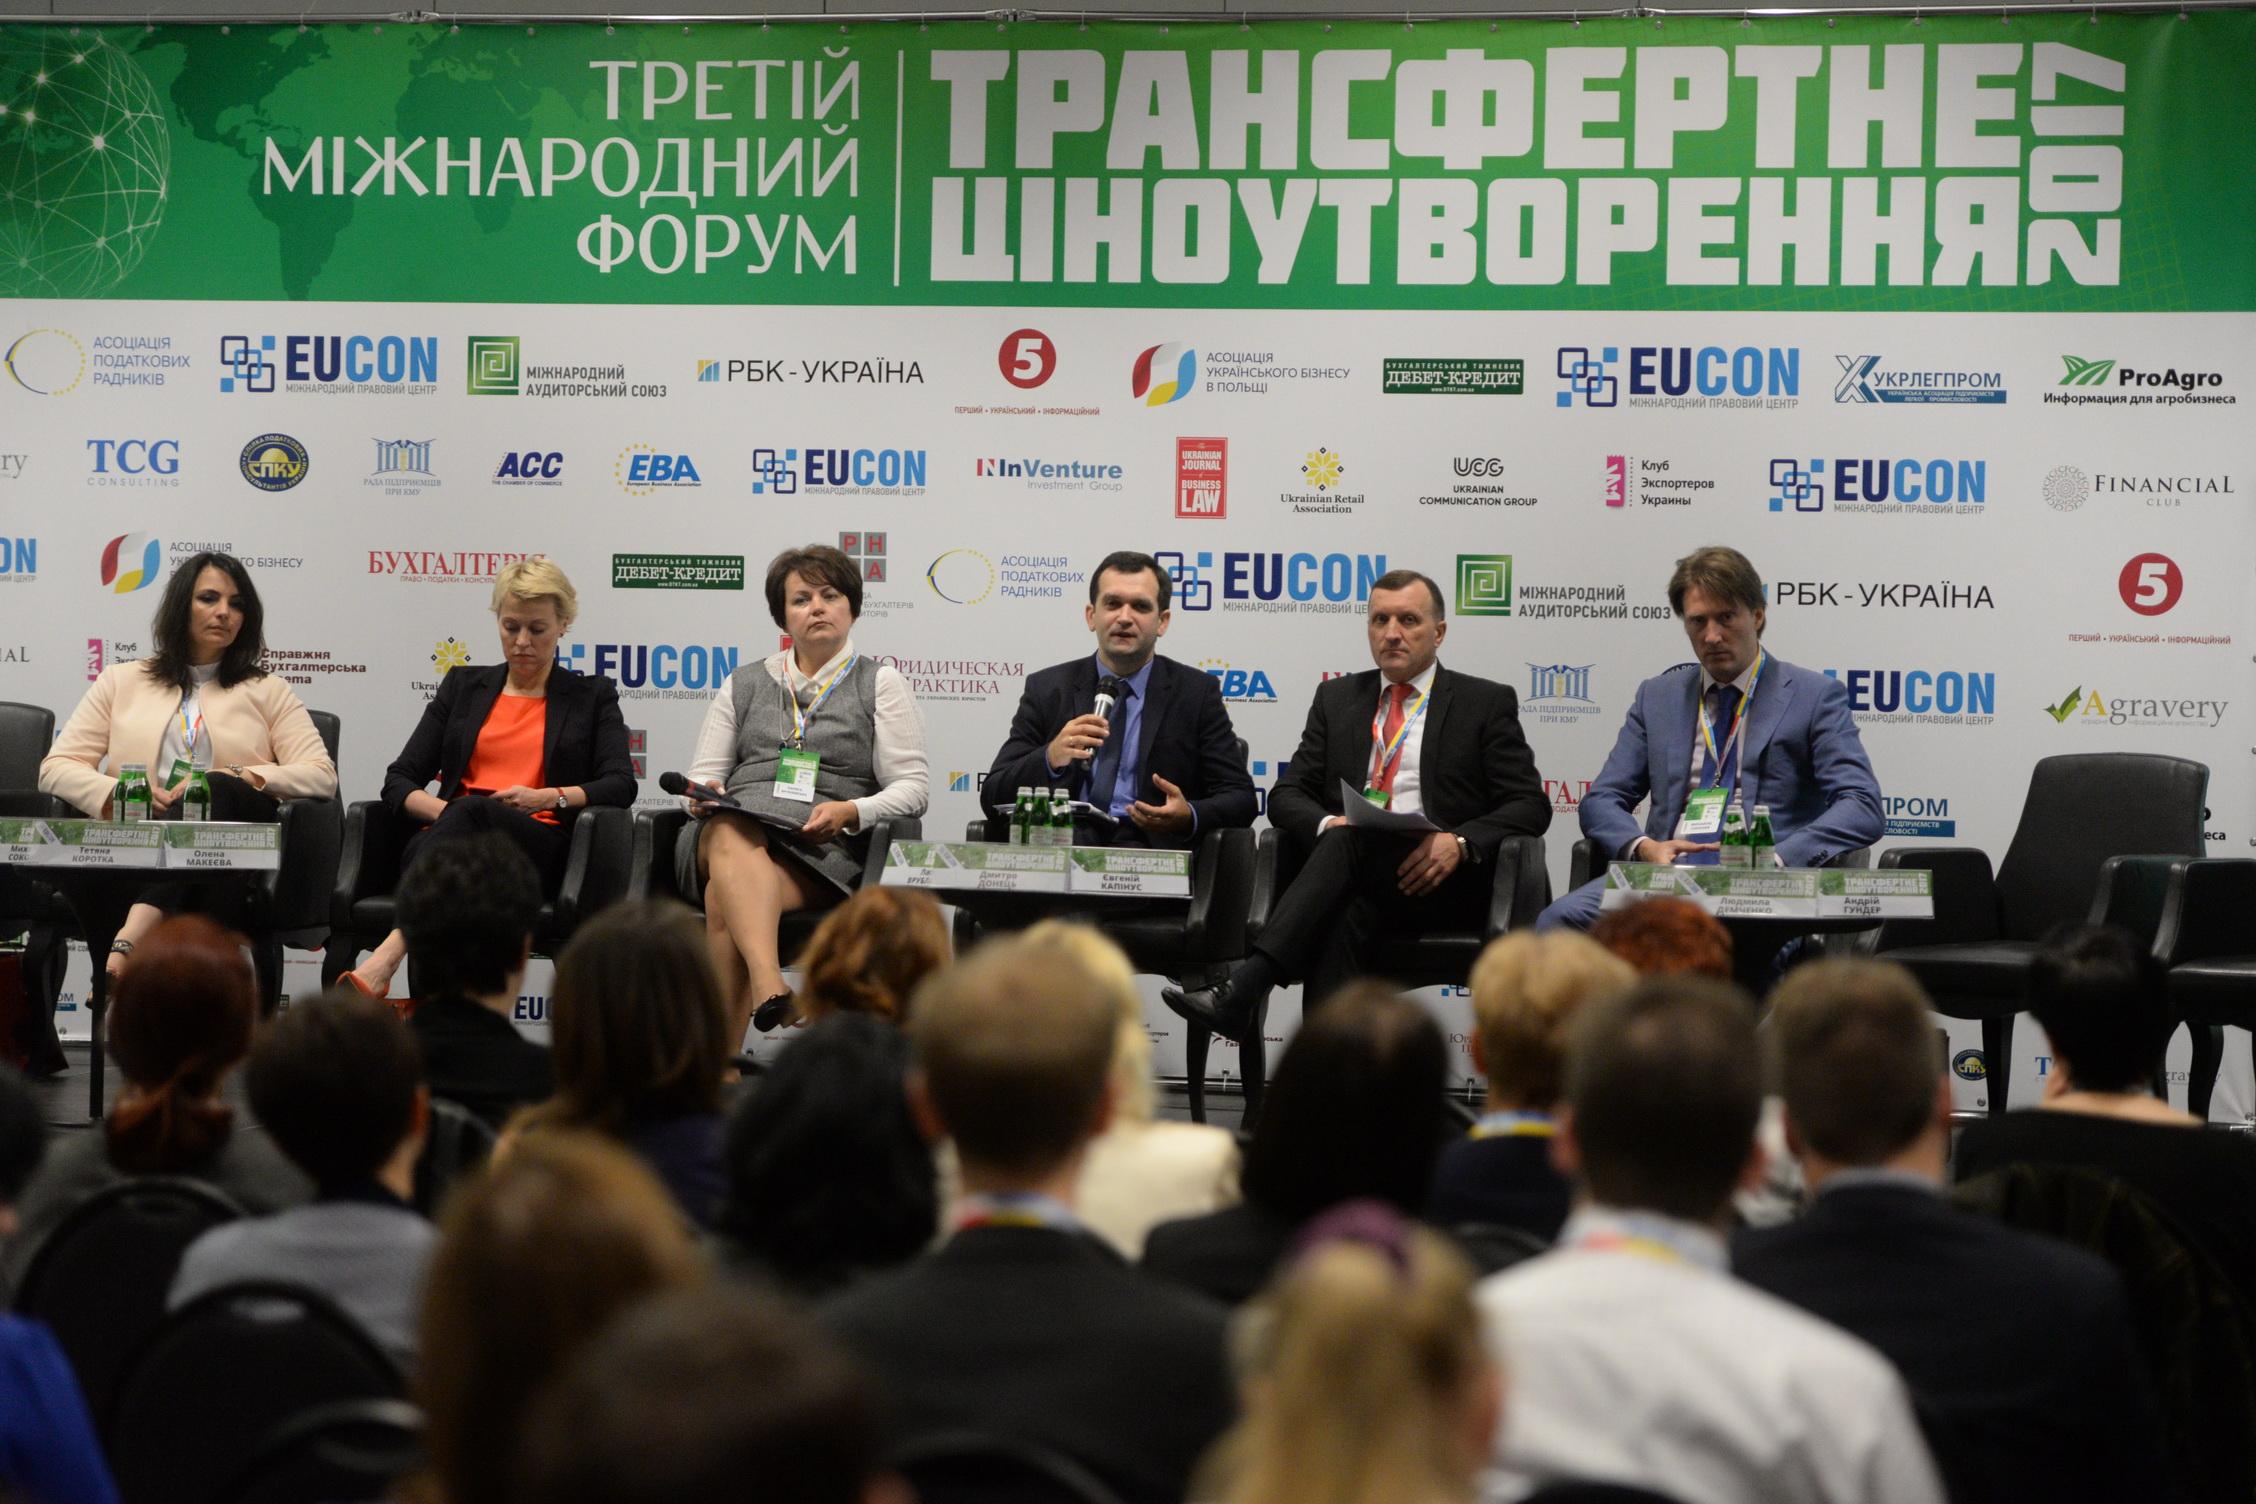 Підсумки ІІІ Міжнародного форуму «Трансфертне ціноутворення – 2017»